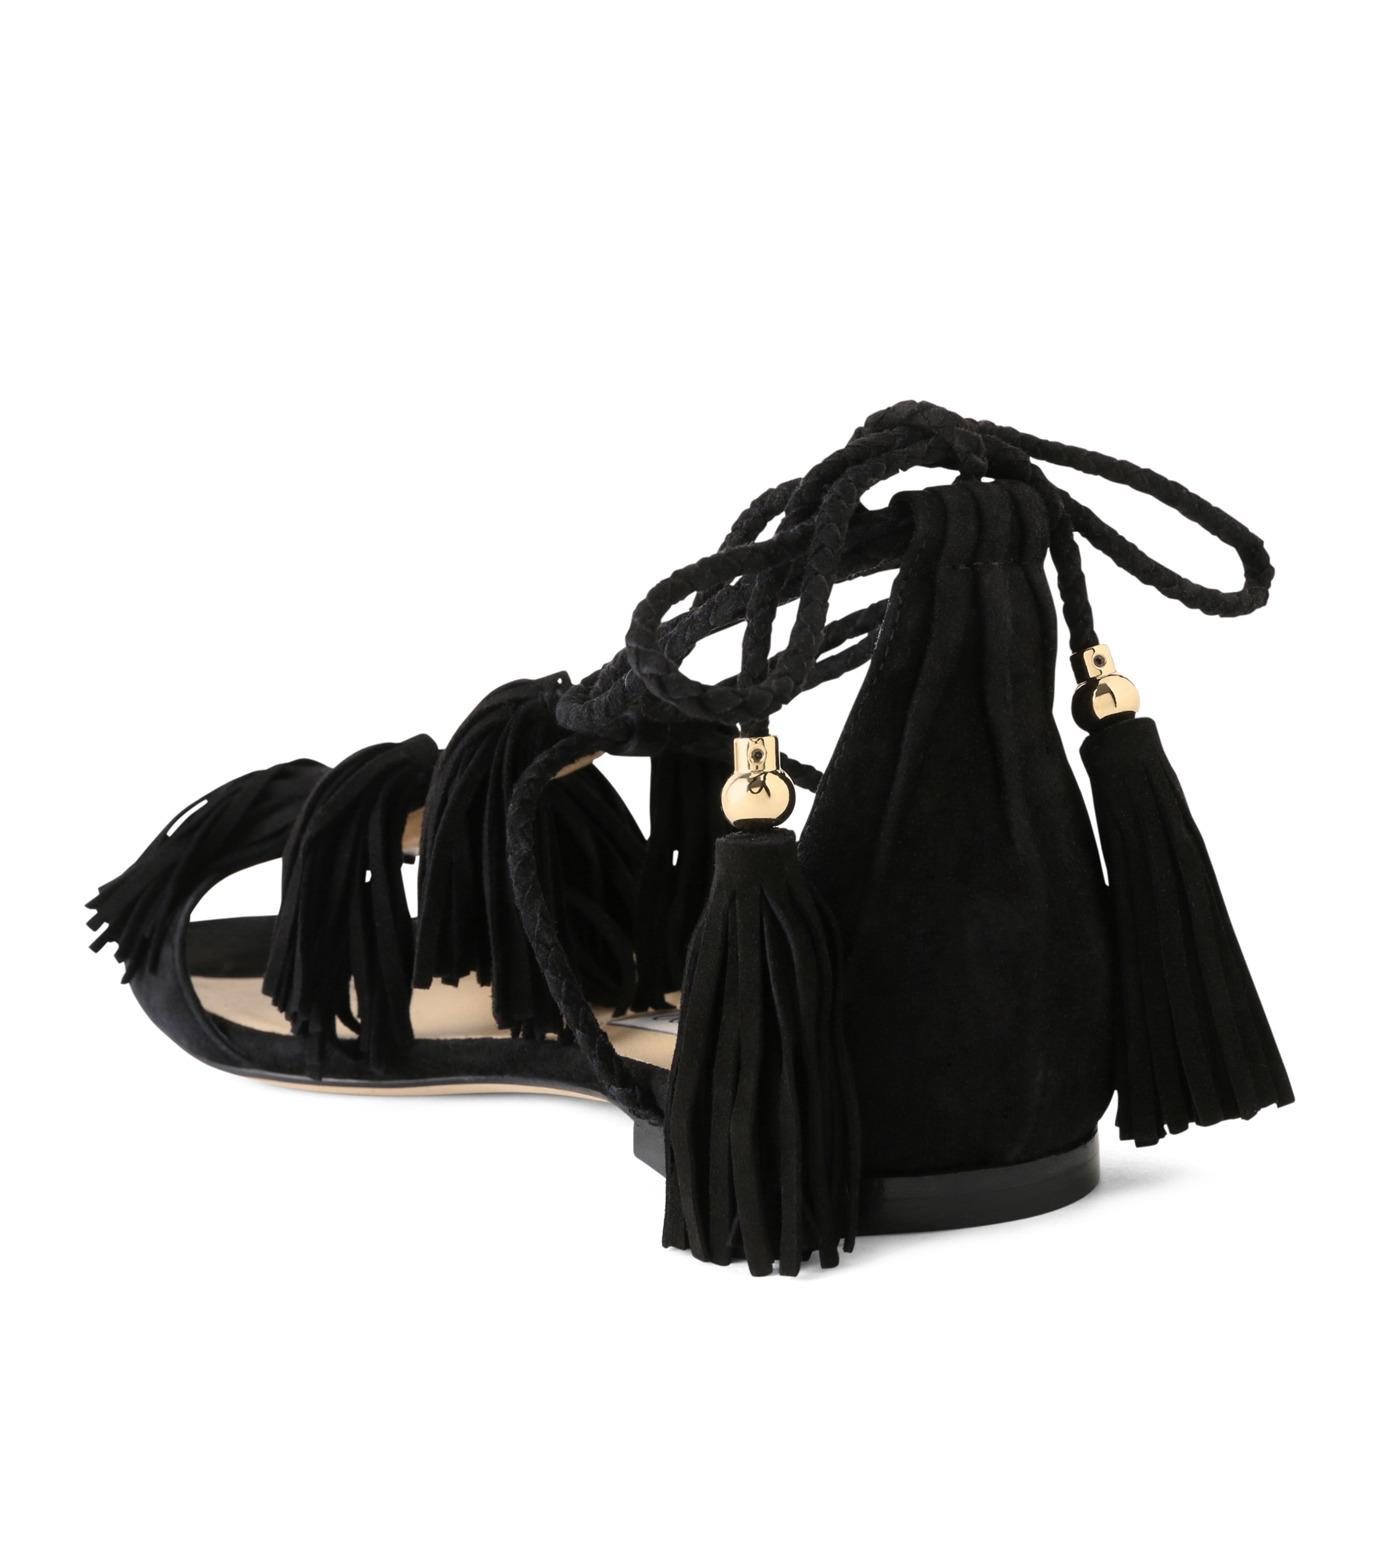 Jimmy Choo(ジミーチュウ)の153WER Suede w/Tassel Flat-BLACK(フラットシューズ/Flat shoes)-MINDY-FLAT-13 拡大詳細画像2